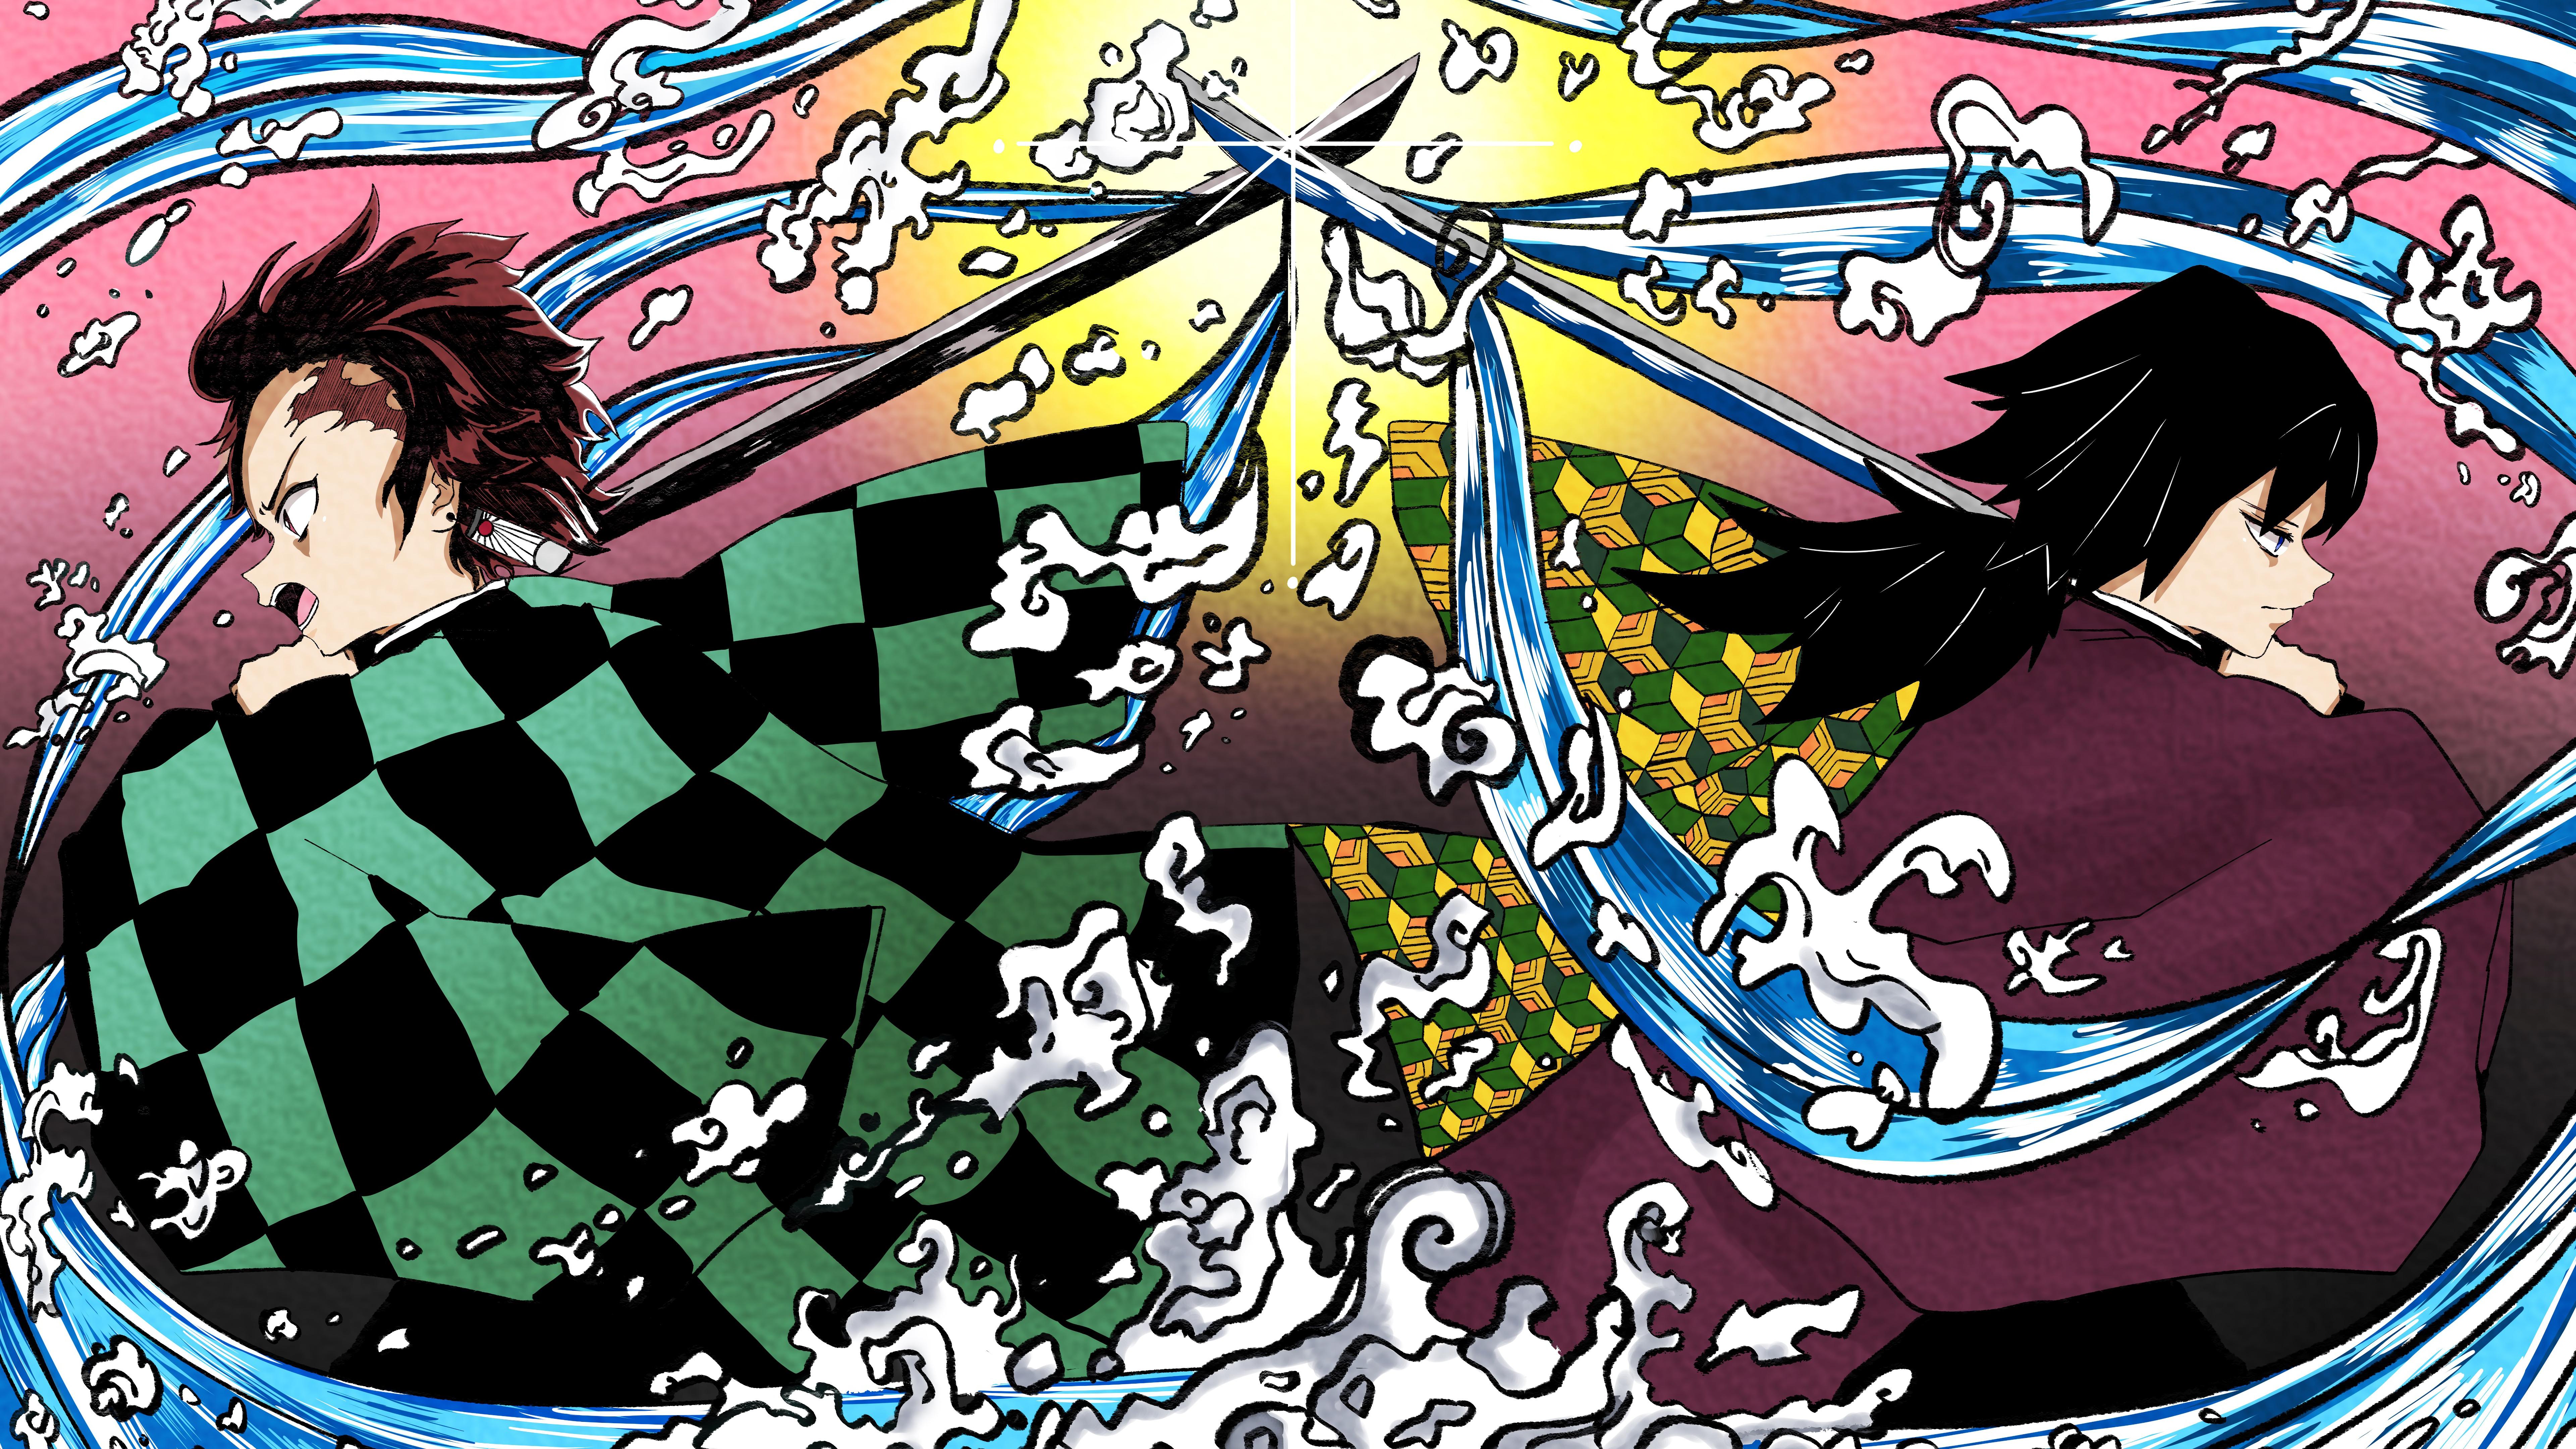 Tanjiro Kamado Giyu Tomioka Kimetsu No Yaiba 8k Wallpaper 140